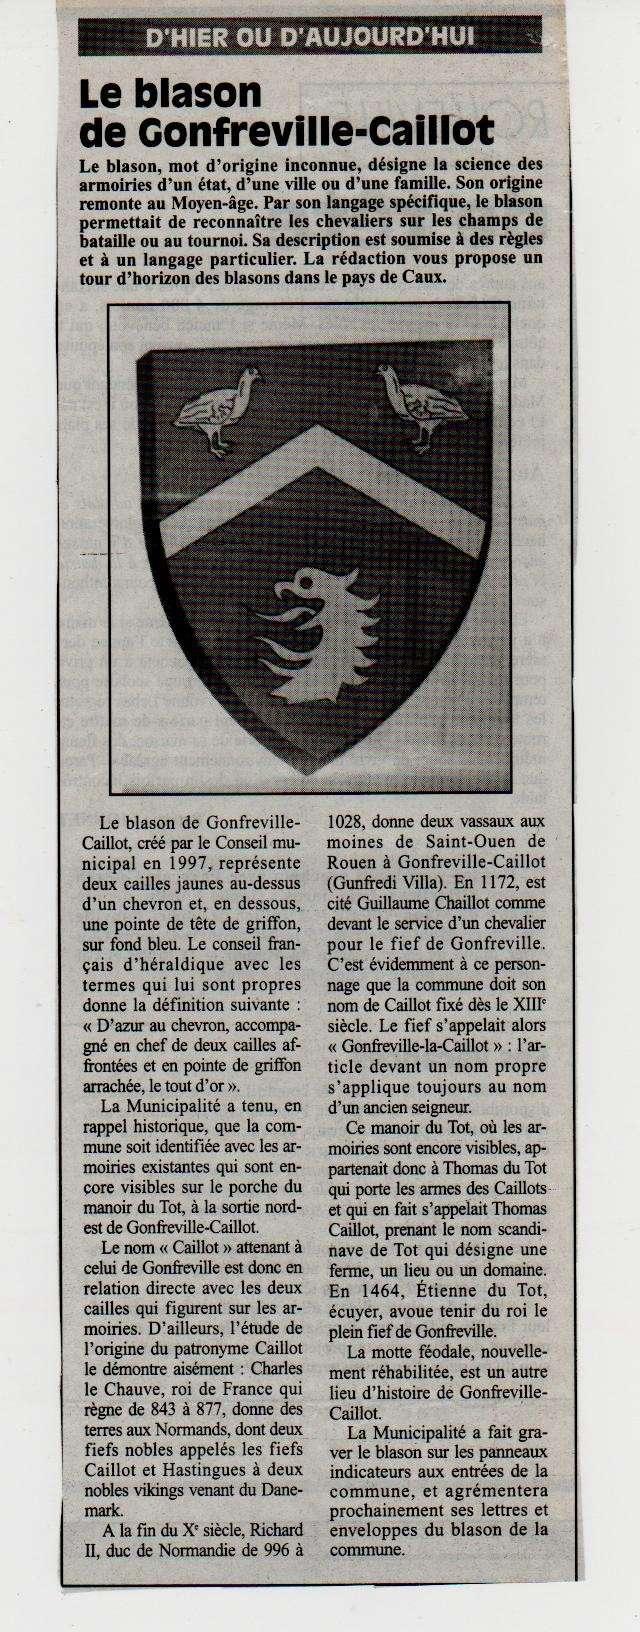 Histoire des communes - Gonfreville-Caillot Gonfre20